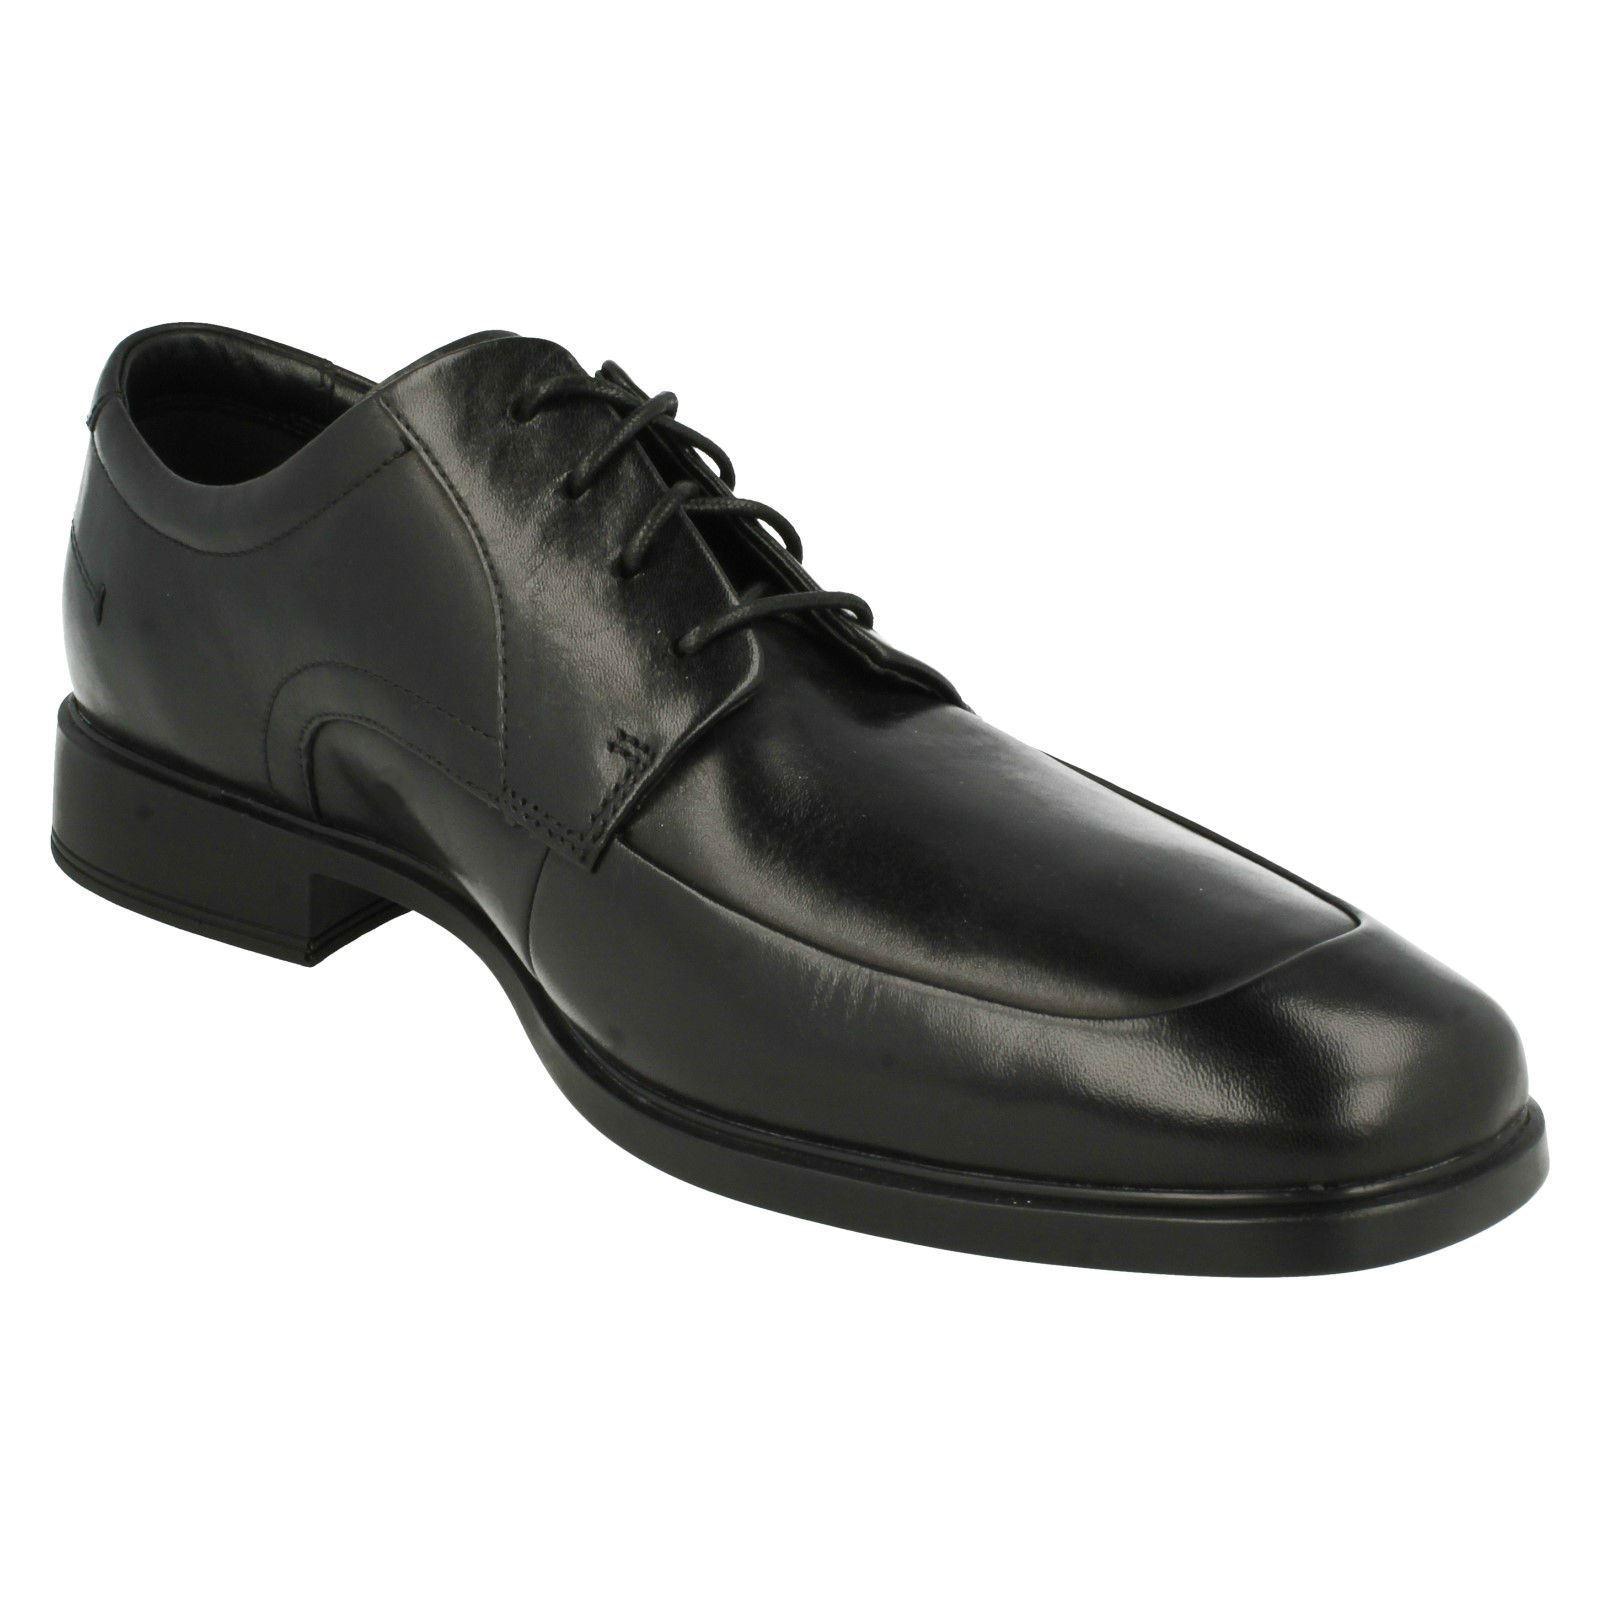 mens clarks formal lace up shoes global flex ebay